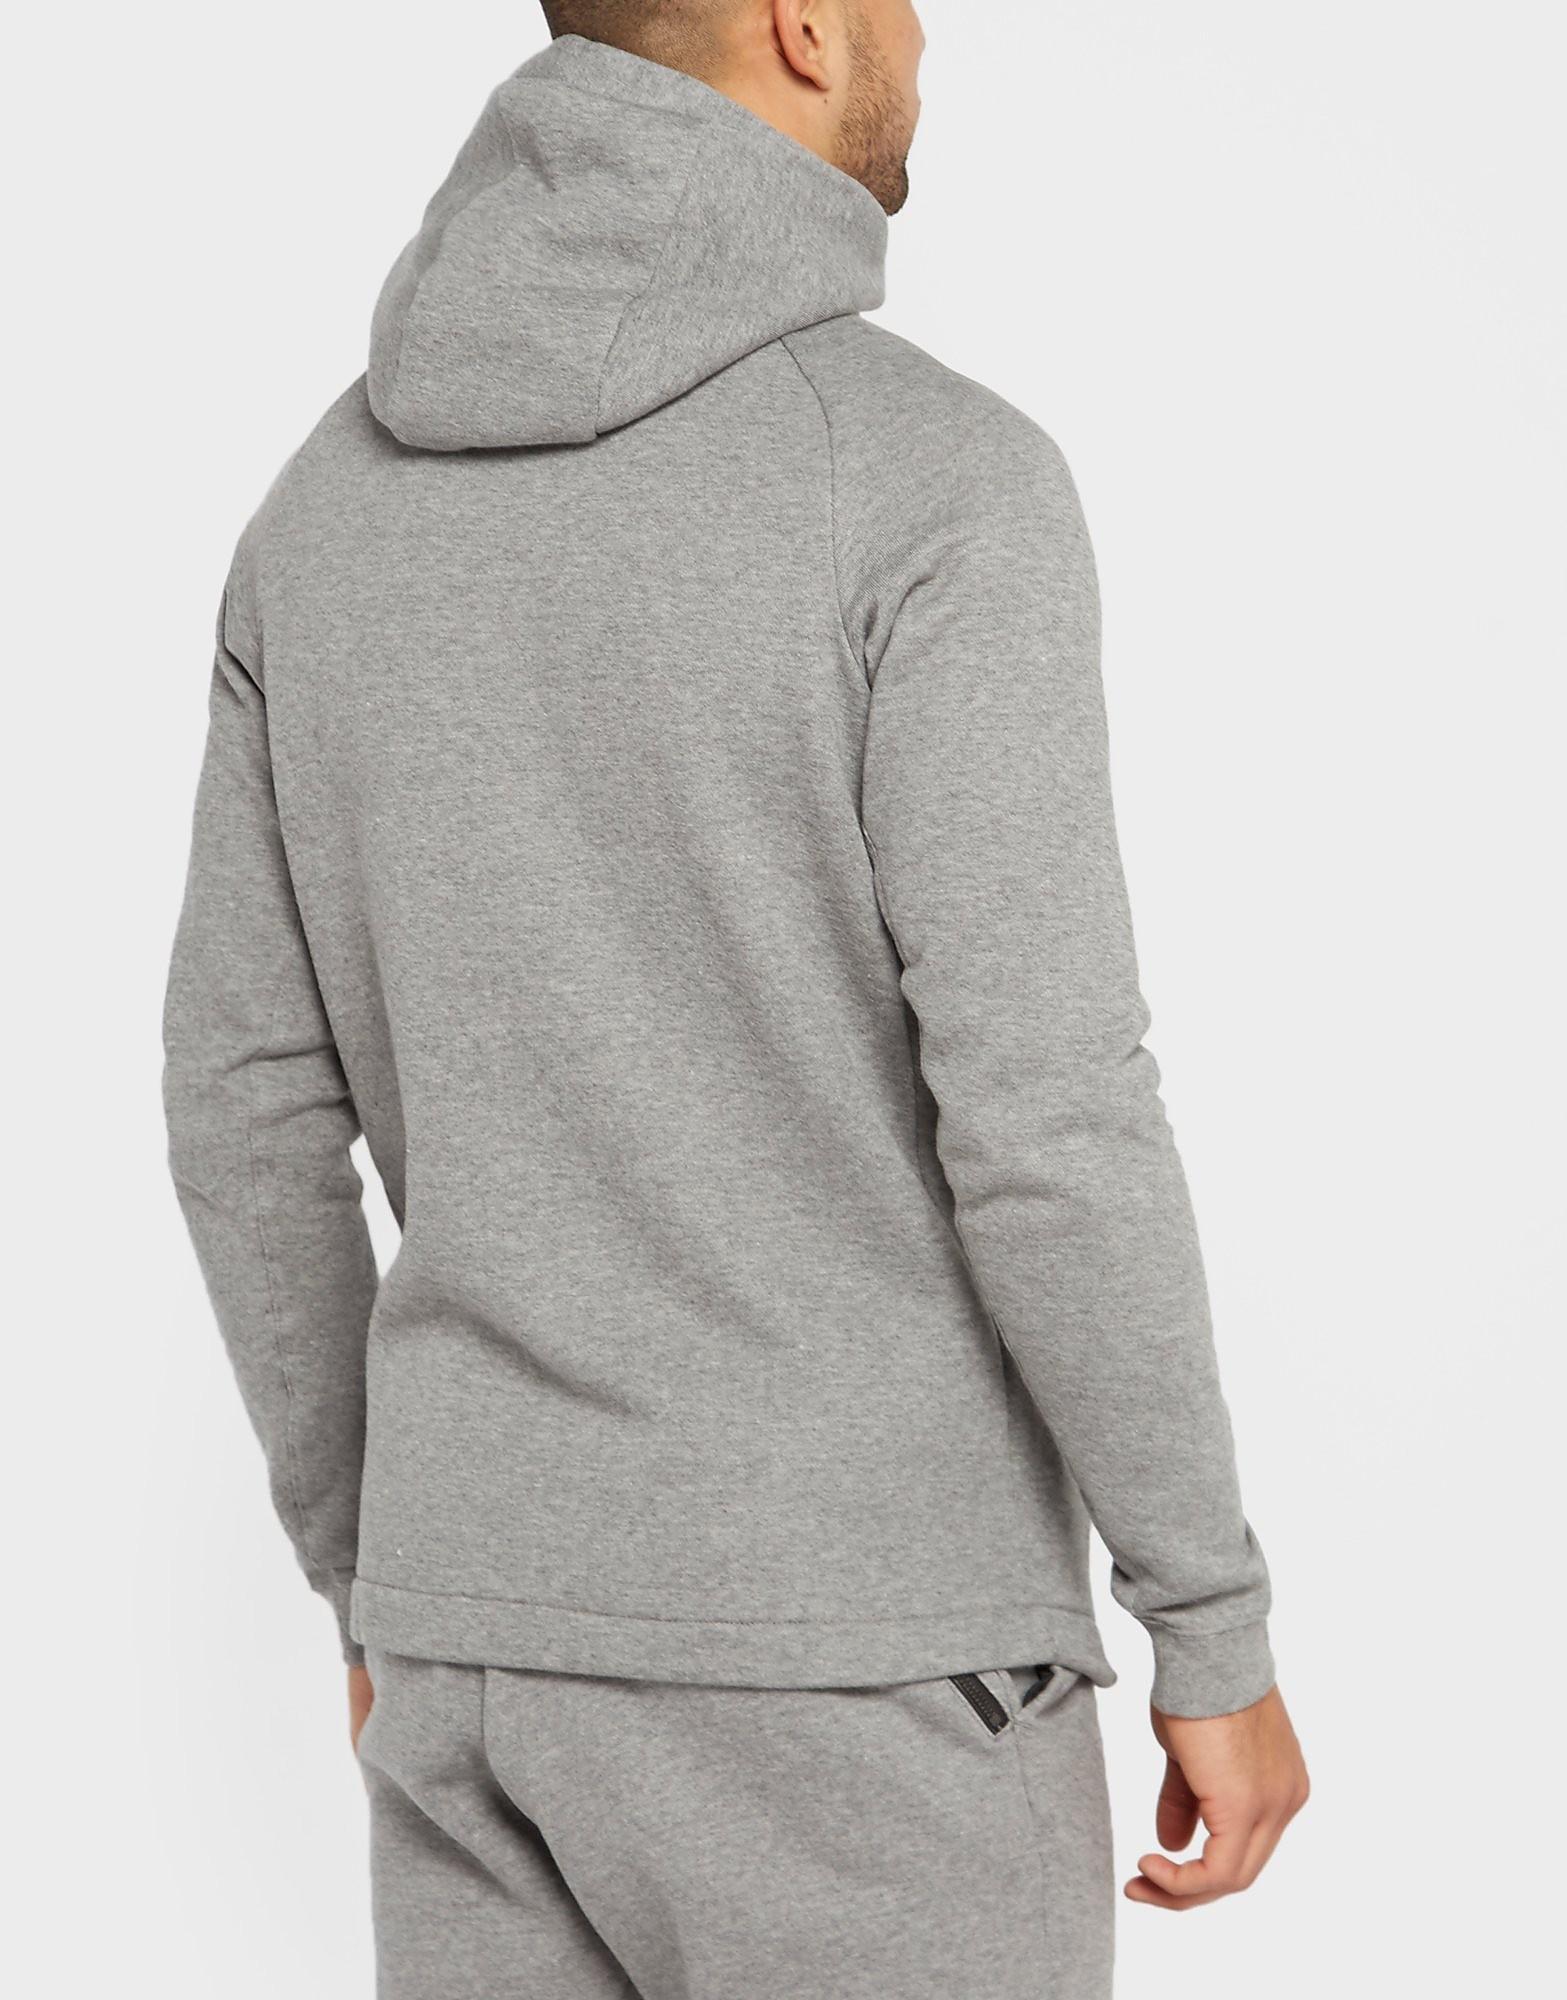 Nike Full Zip Hoody